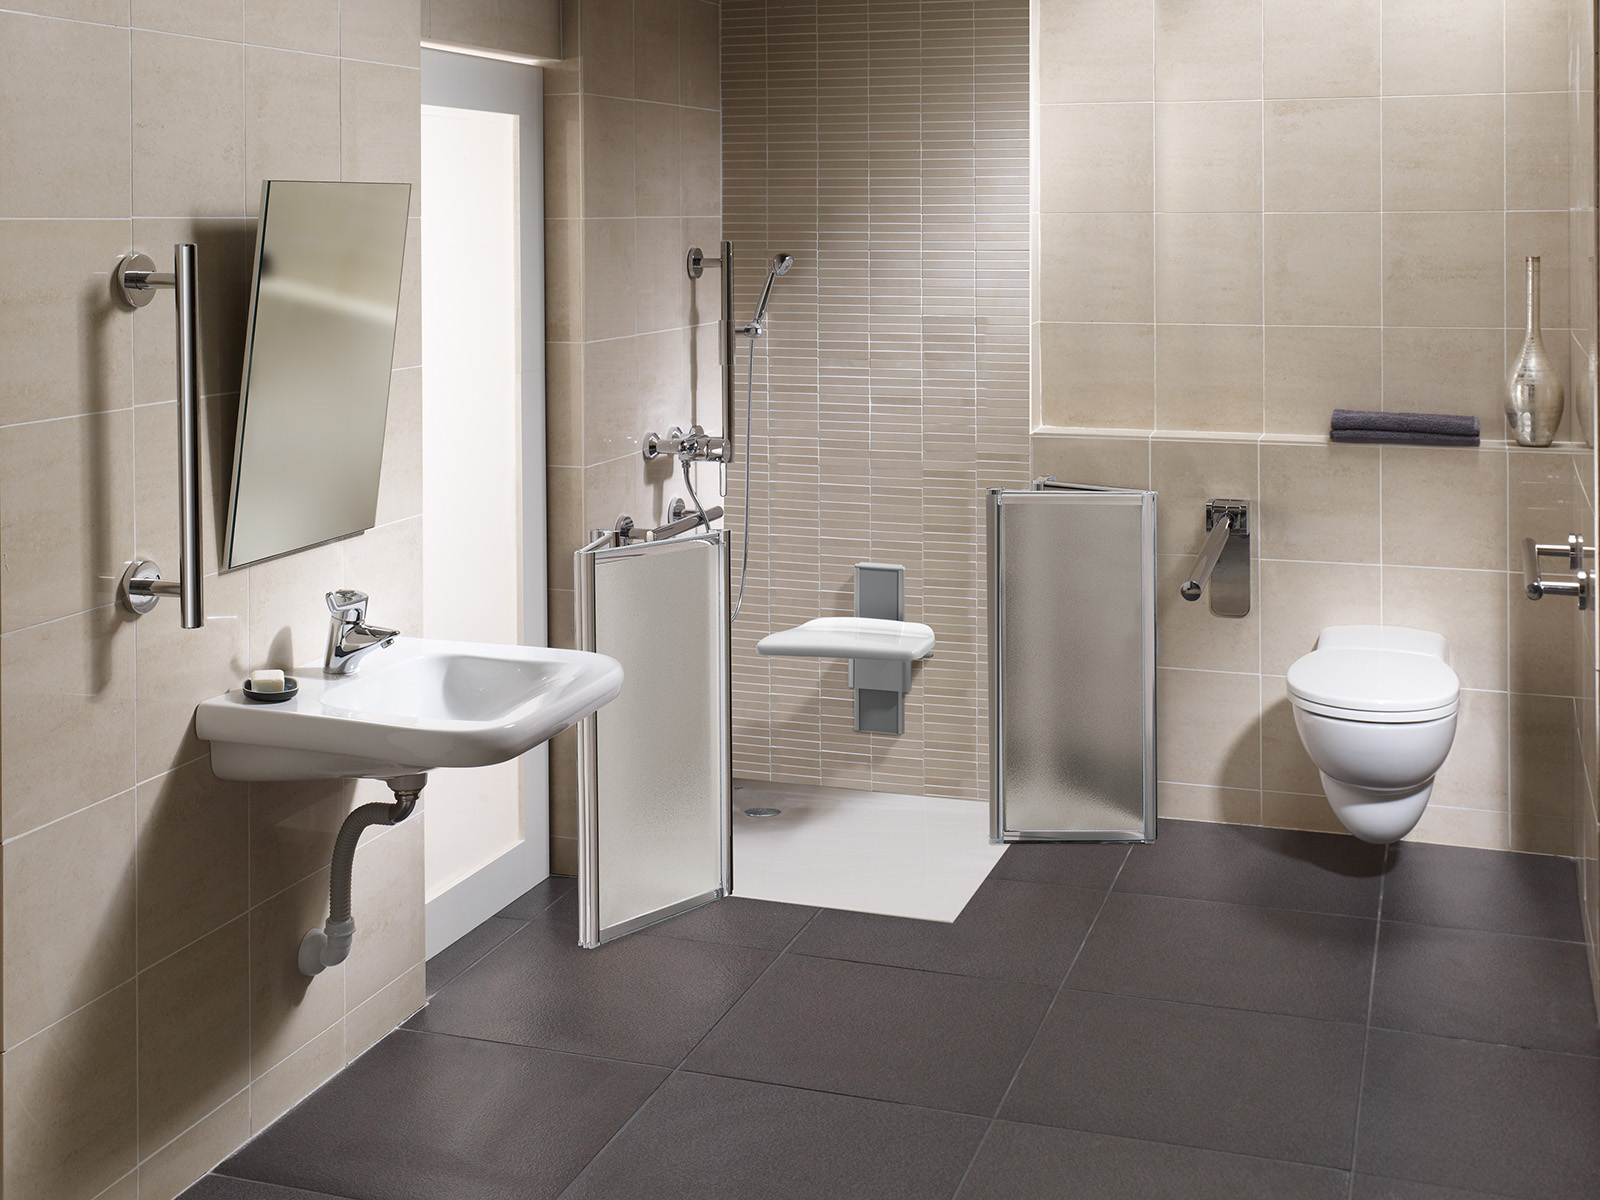 Quali sono i prodotti per la sicurezza degli anziani in bagno - Accessori bagno disabili ...